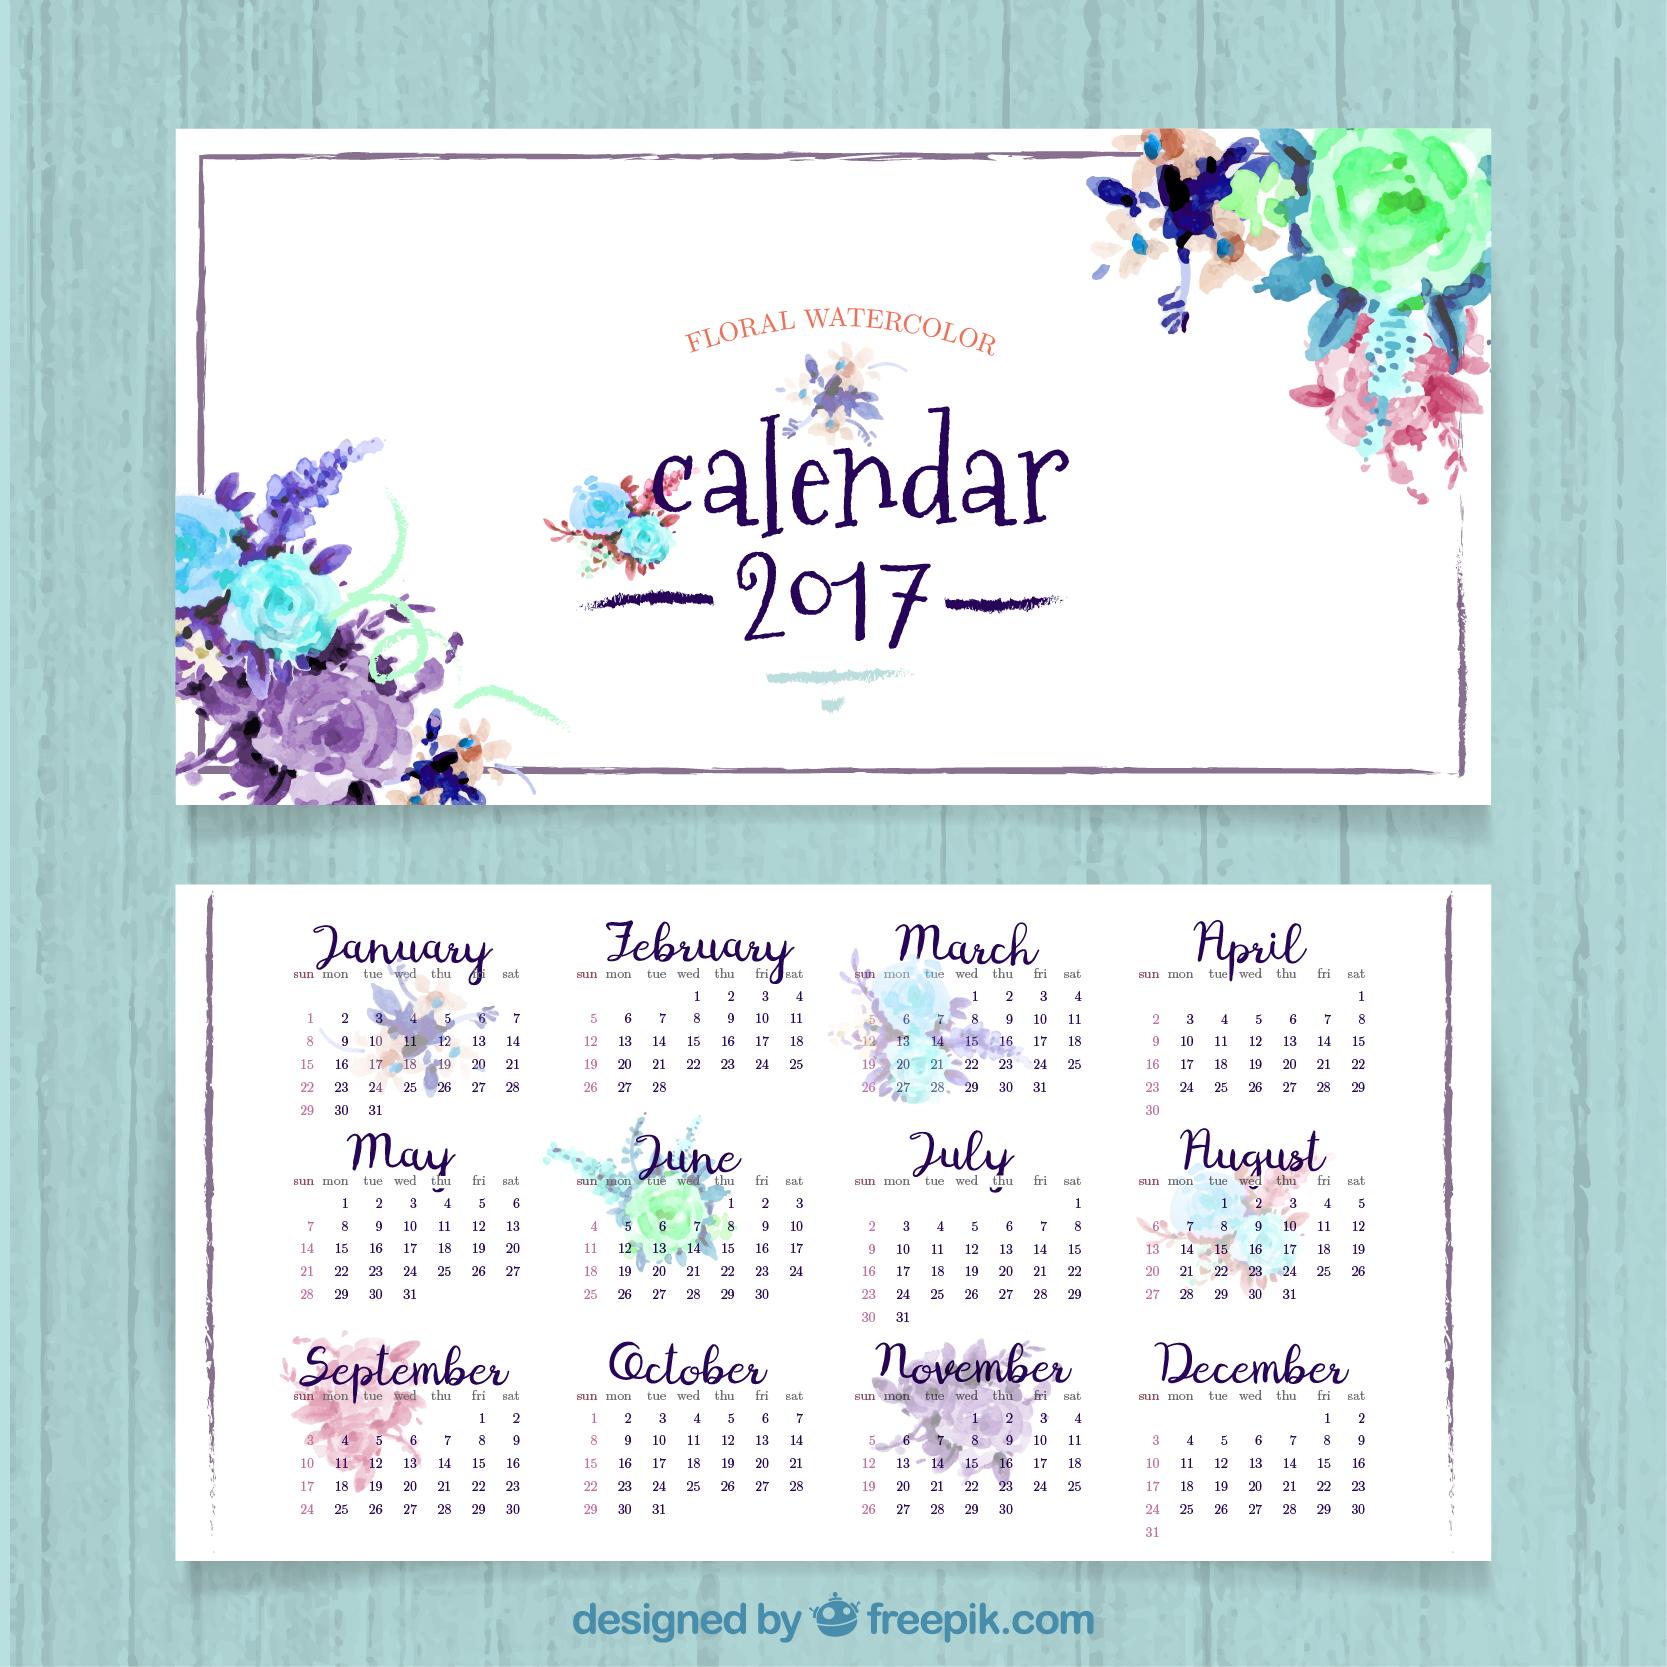 calendario-acuarelas-2017